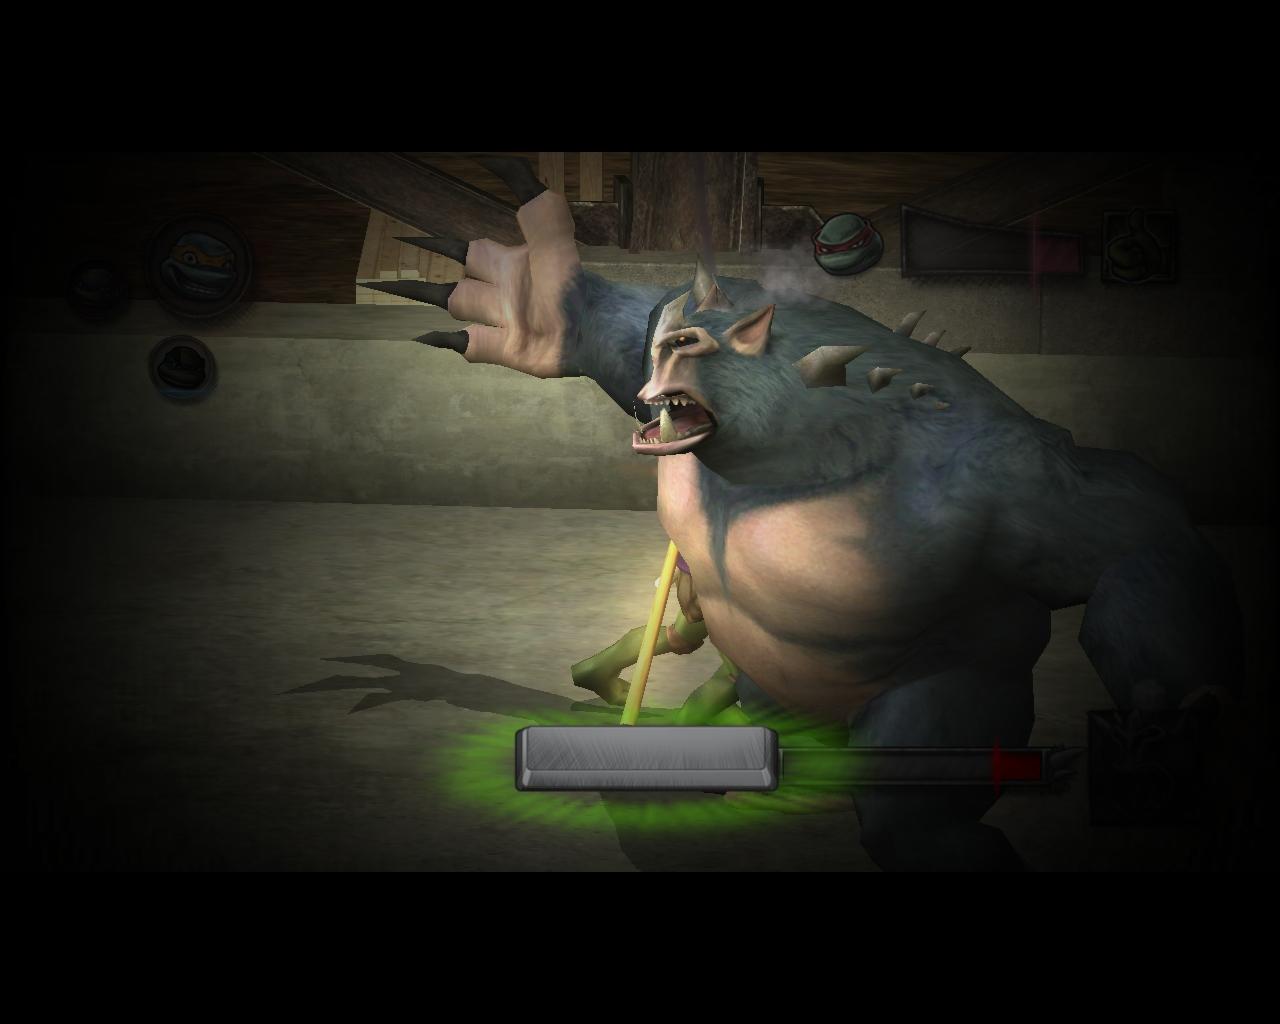 конг - Teenage Mutant Ninja Turtles: Video Game